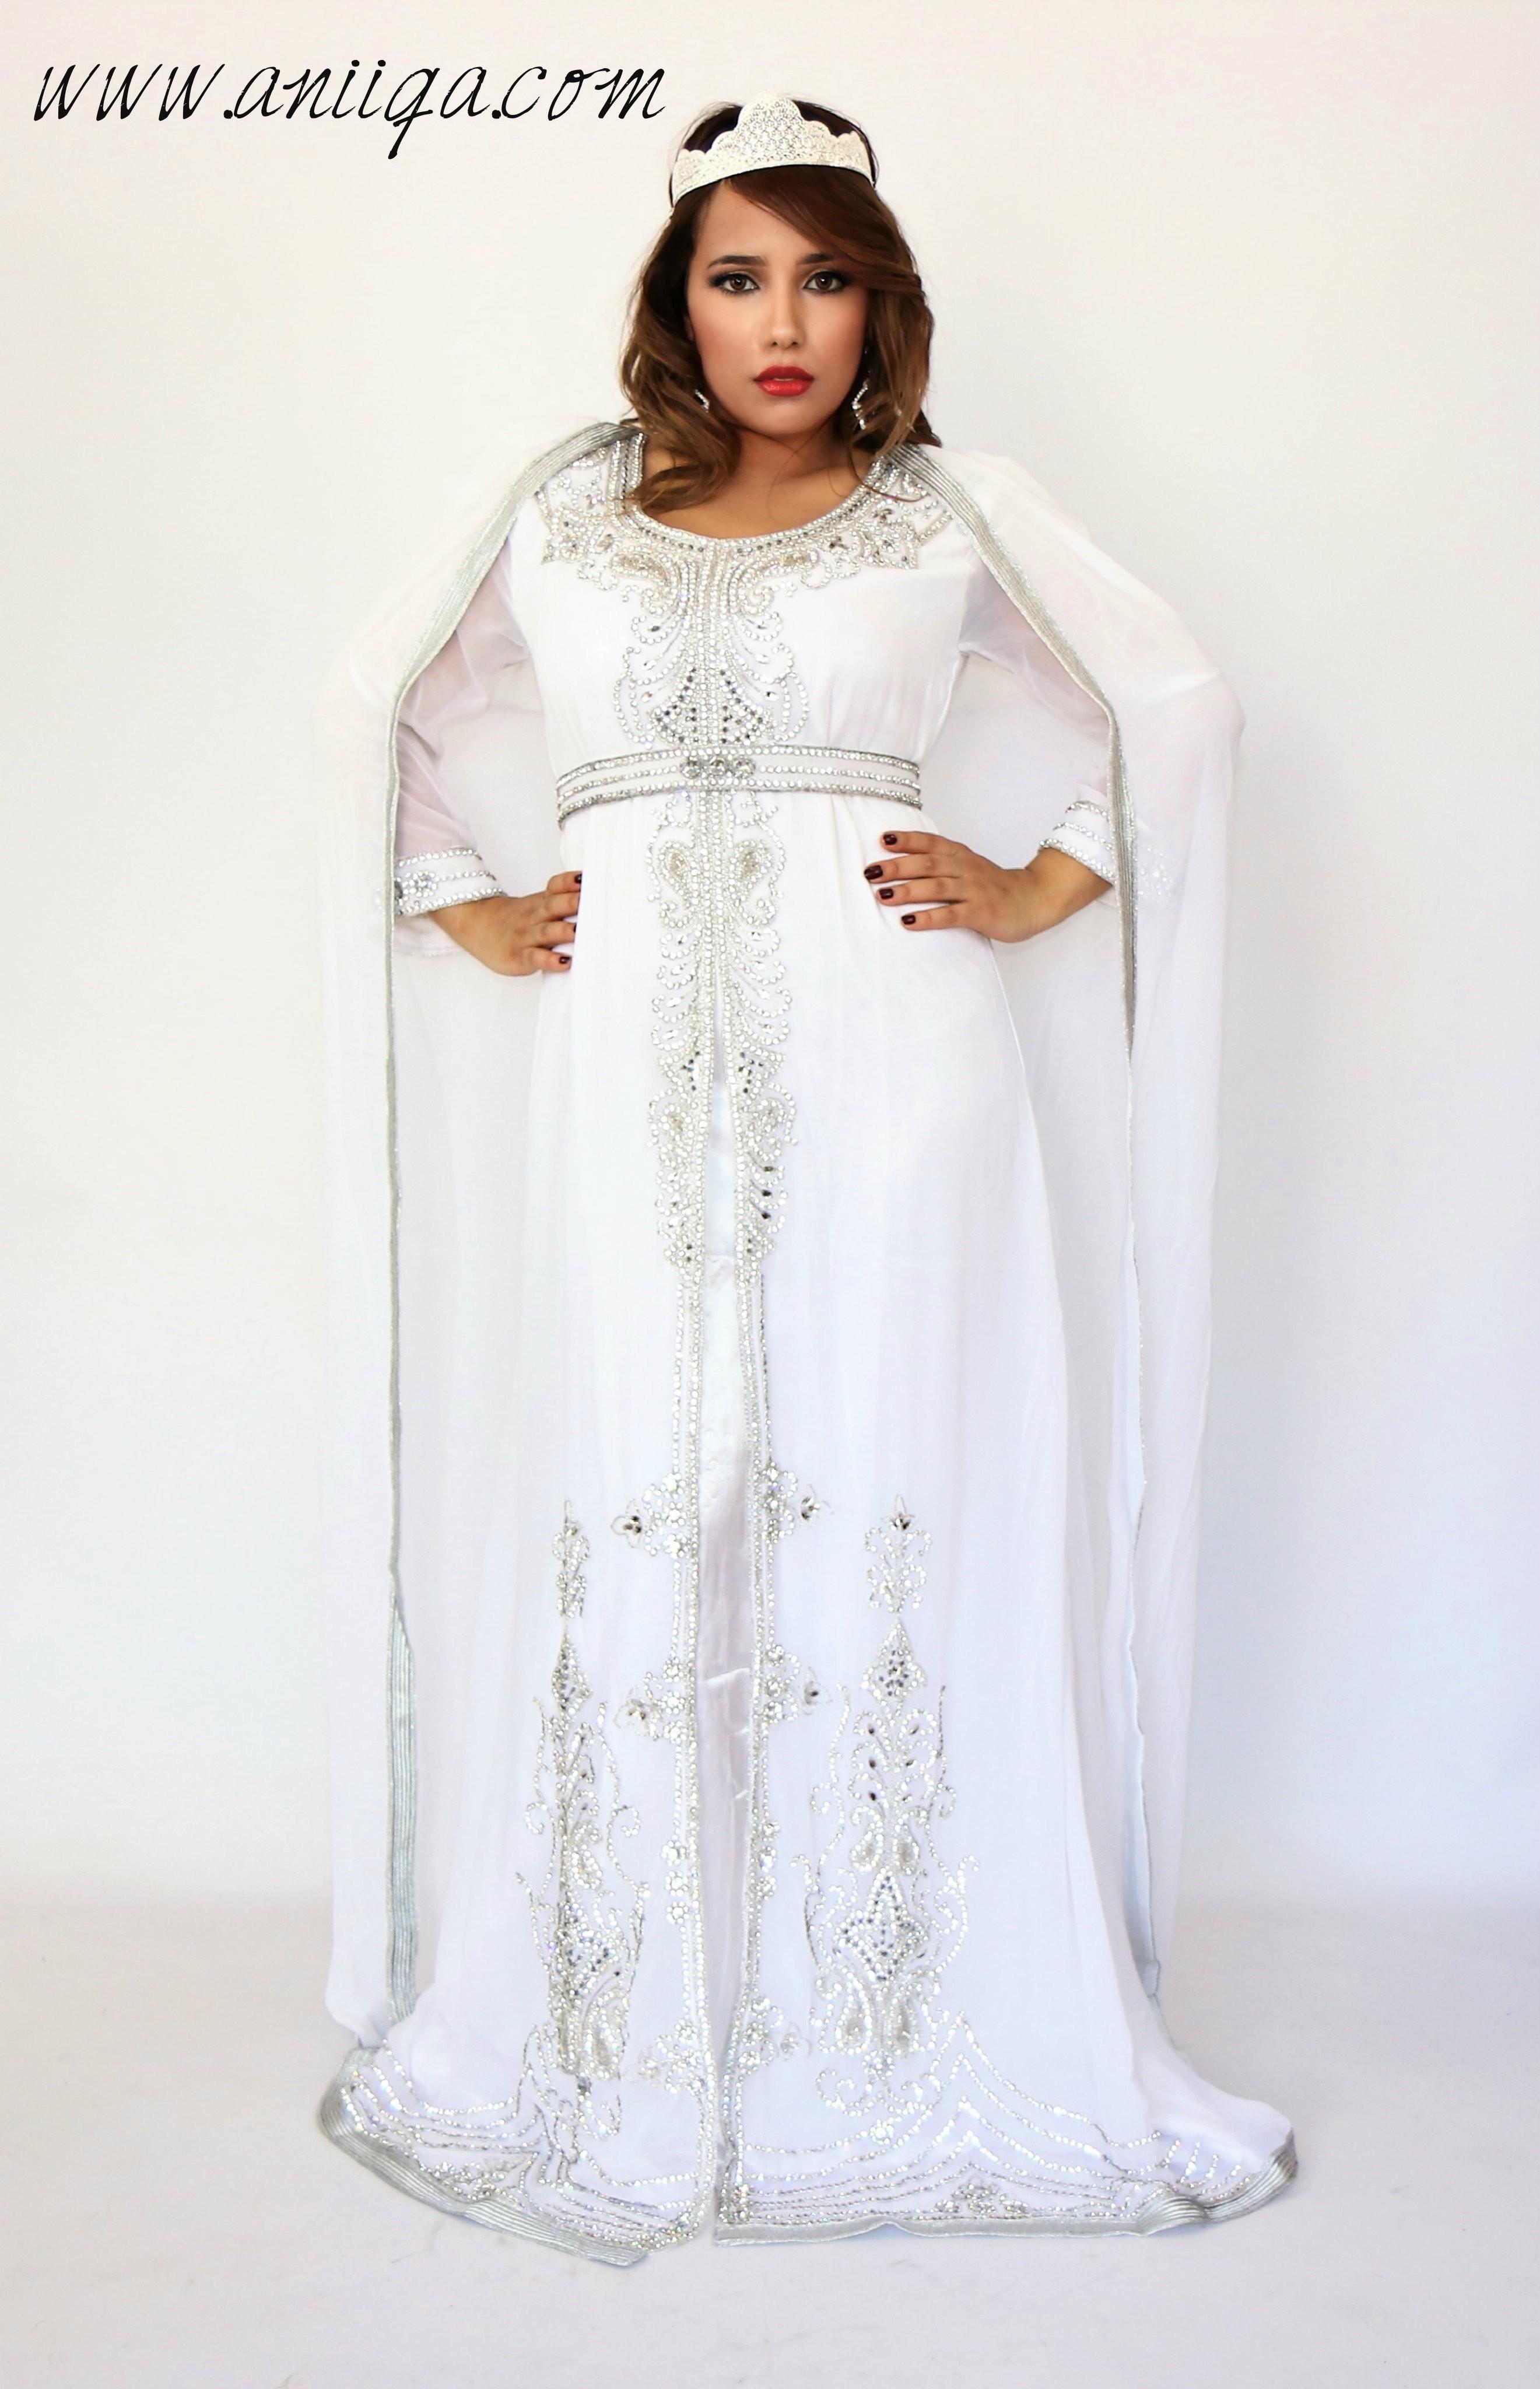 Robe de soiree pour mariee orientale